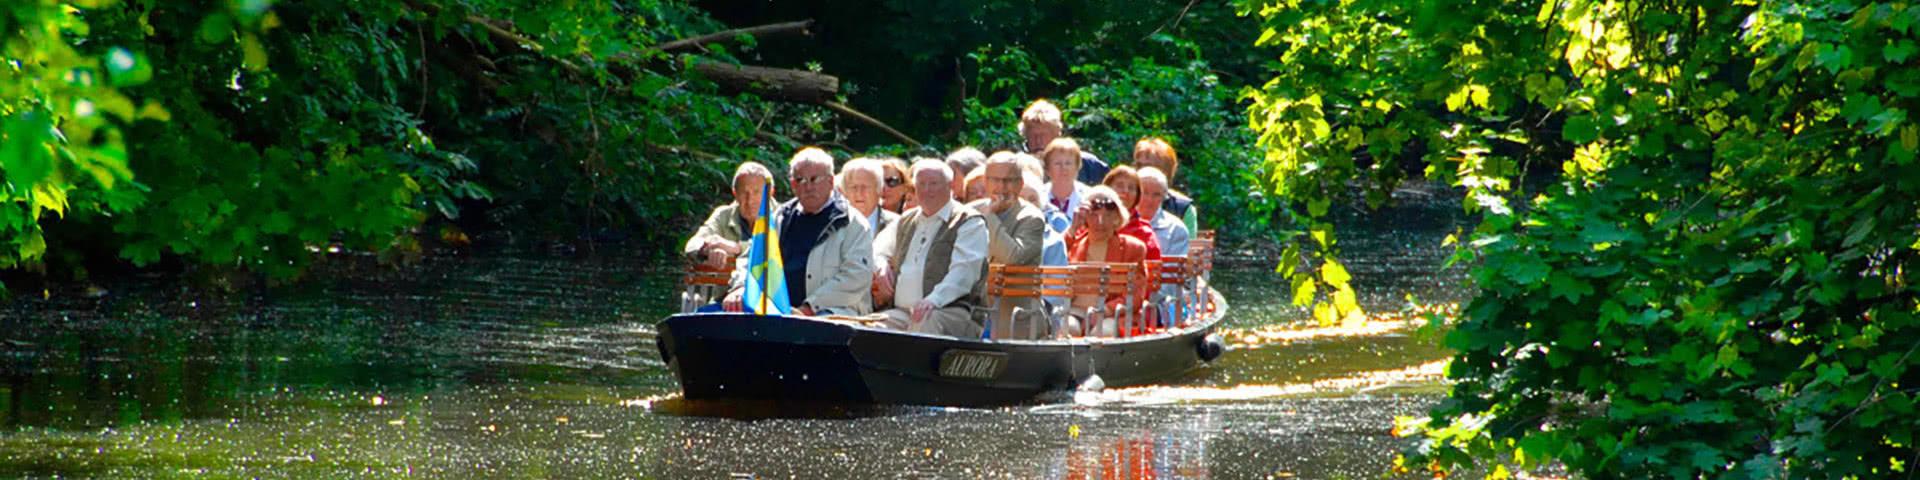 Gruppe macht Fleetkahnfahrt in Stade